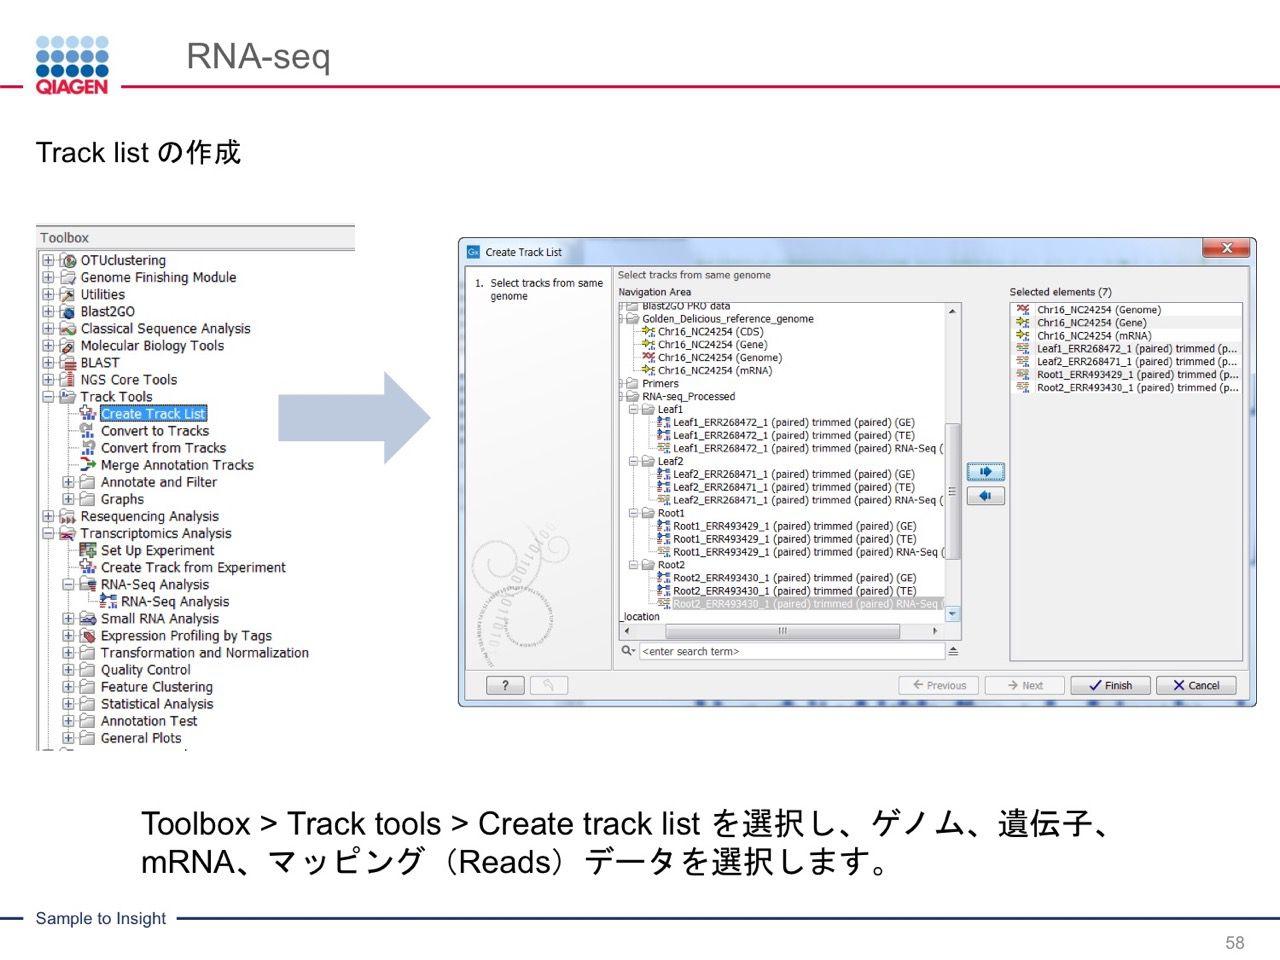 images/AJACSa2_miyamoto_058.jpg